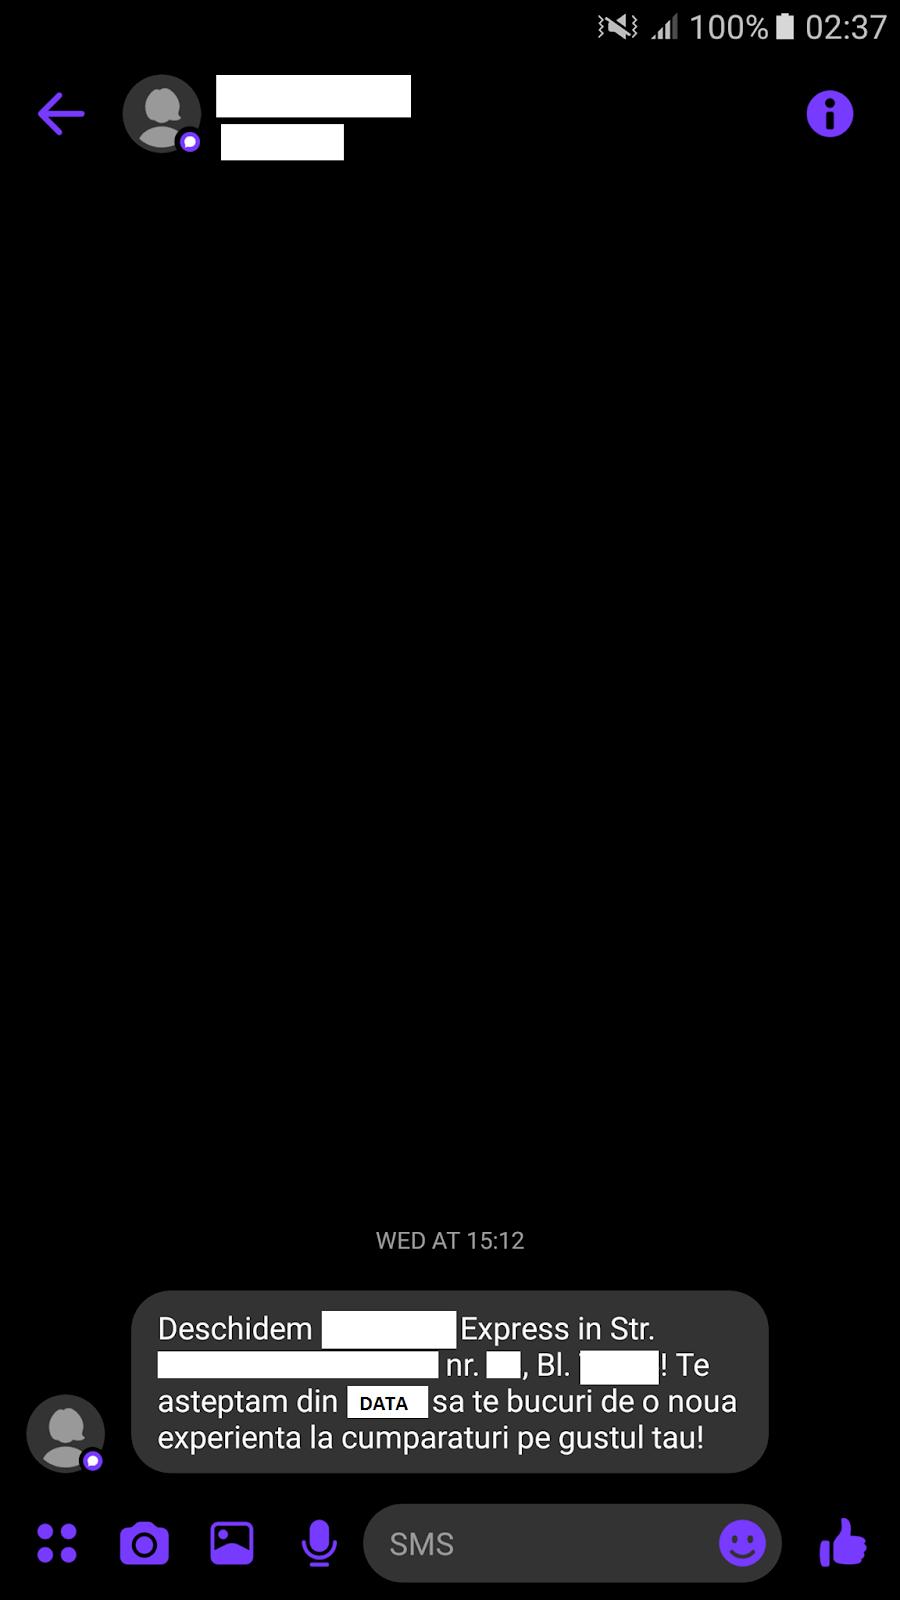 Exemplu de site ul de intalnire a mesajului de mesaj